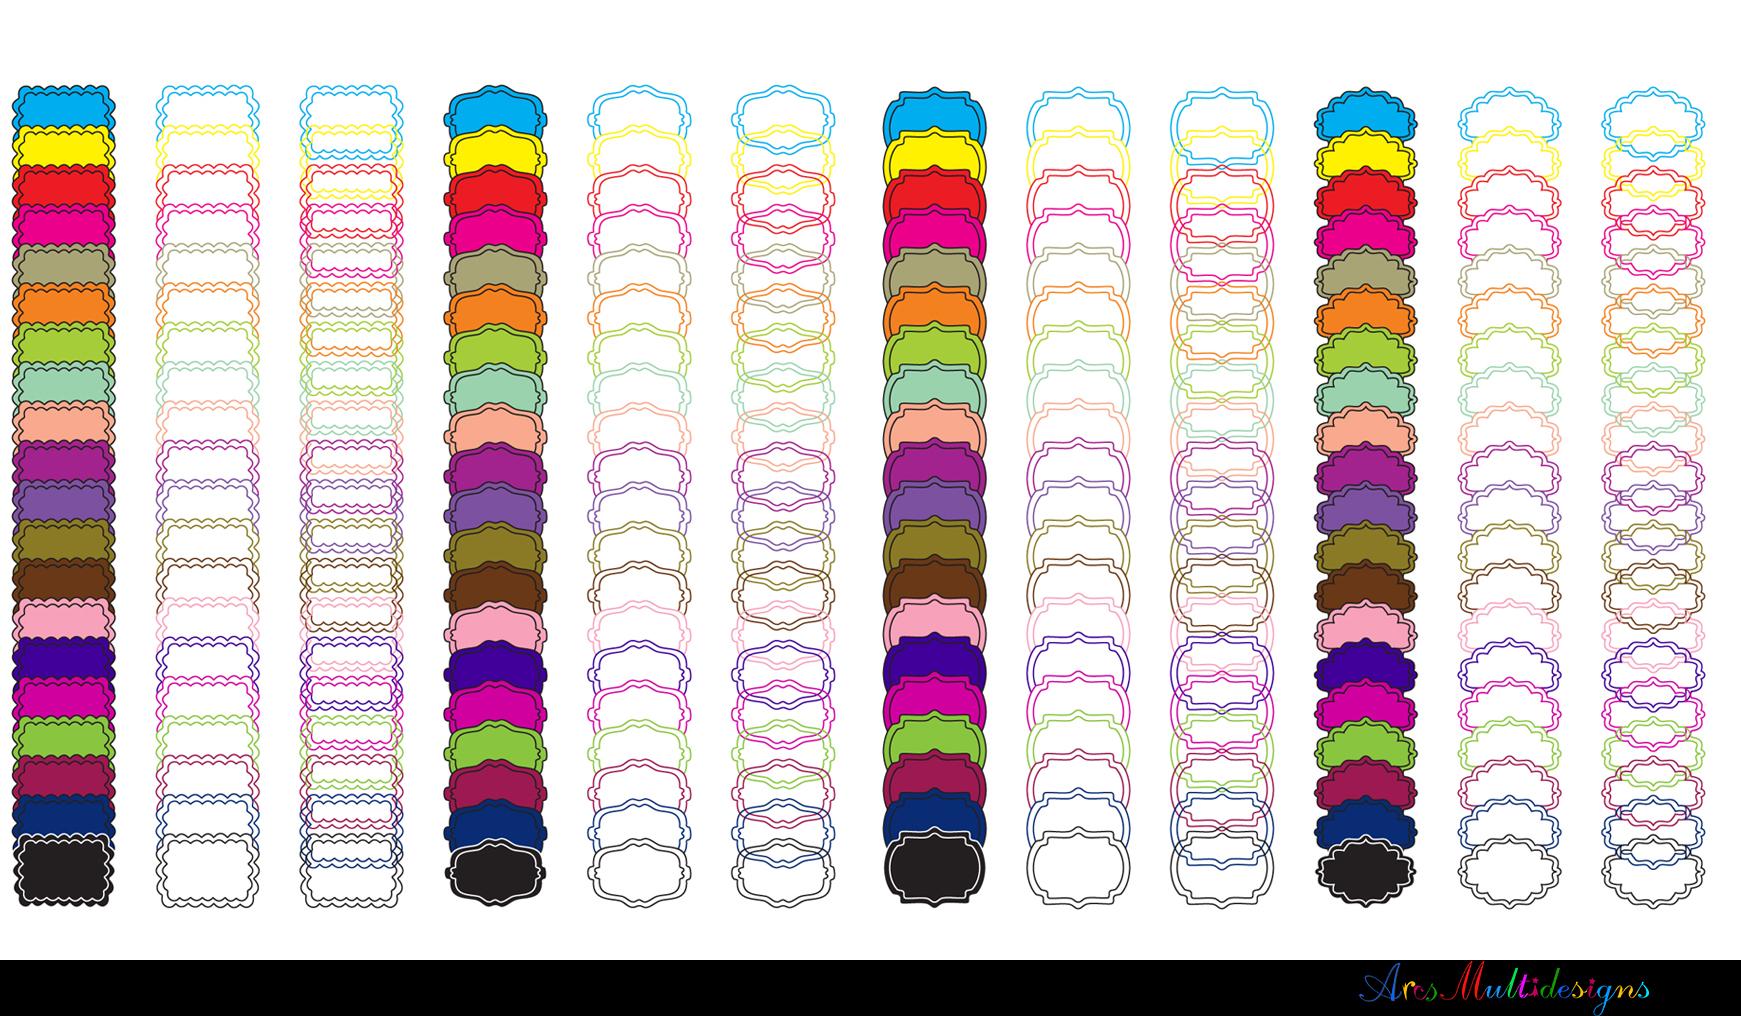 Label clipart bundle / digital label clipart bundle / frames bundle / high quality frames / digital frames clip art / label clipart example image 7